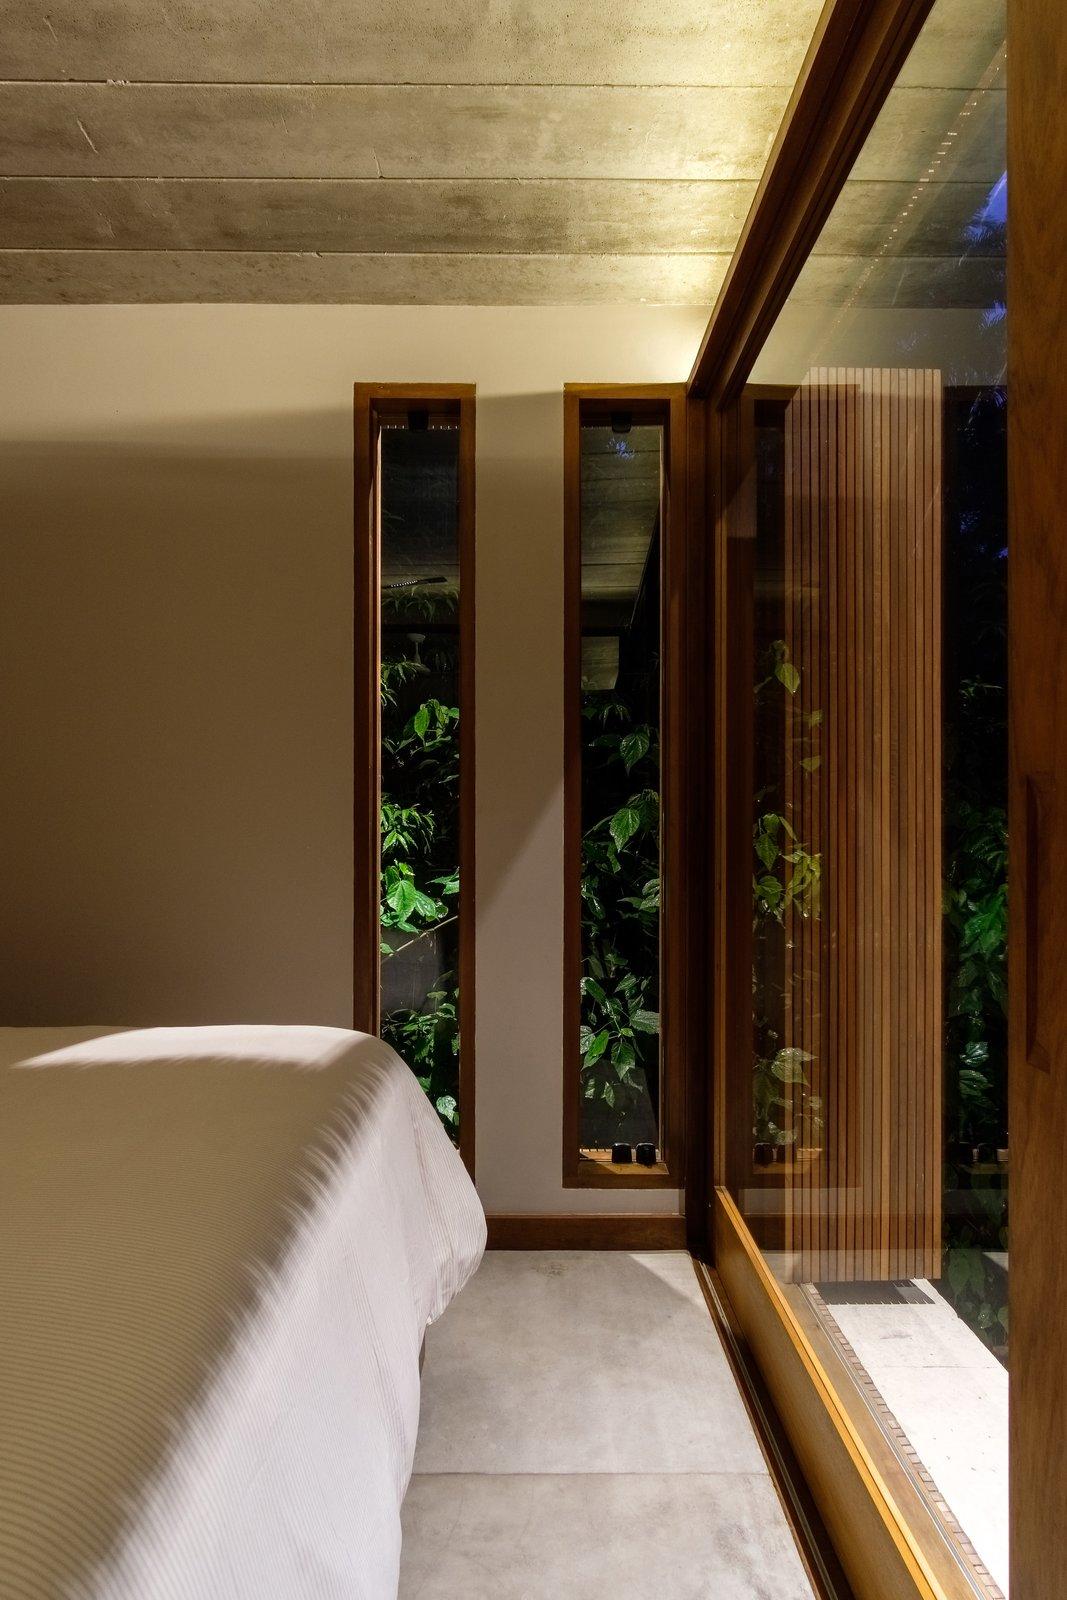 Los dormitorios, el piso de concreto y las habitaciones con cama están ubicados en la parte este del plan para recibir los rayos del sol de la mañana.